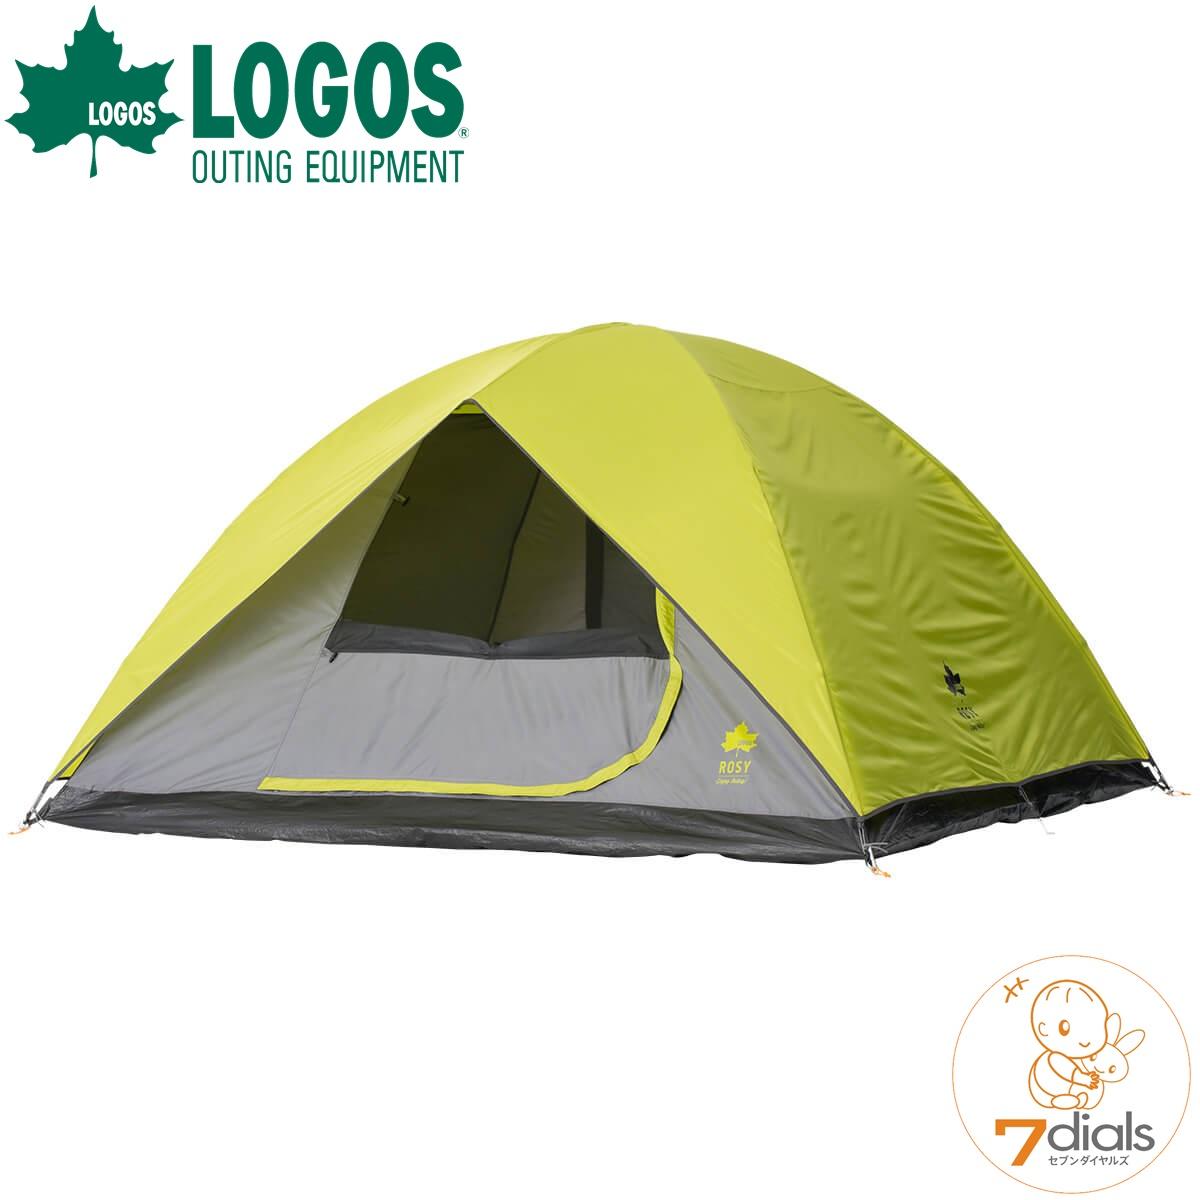 LOGOS/ロゴス ROSY i-Link サンドーム XL 持ち運び&組立て簡単!様々なシーンで使える5人用テント【送料無料】